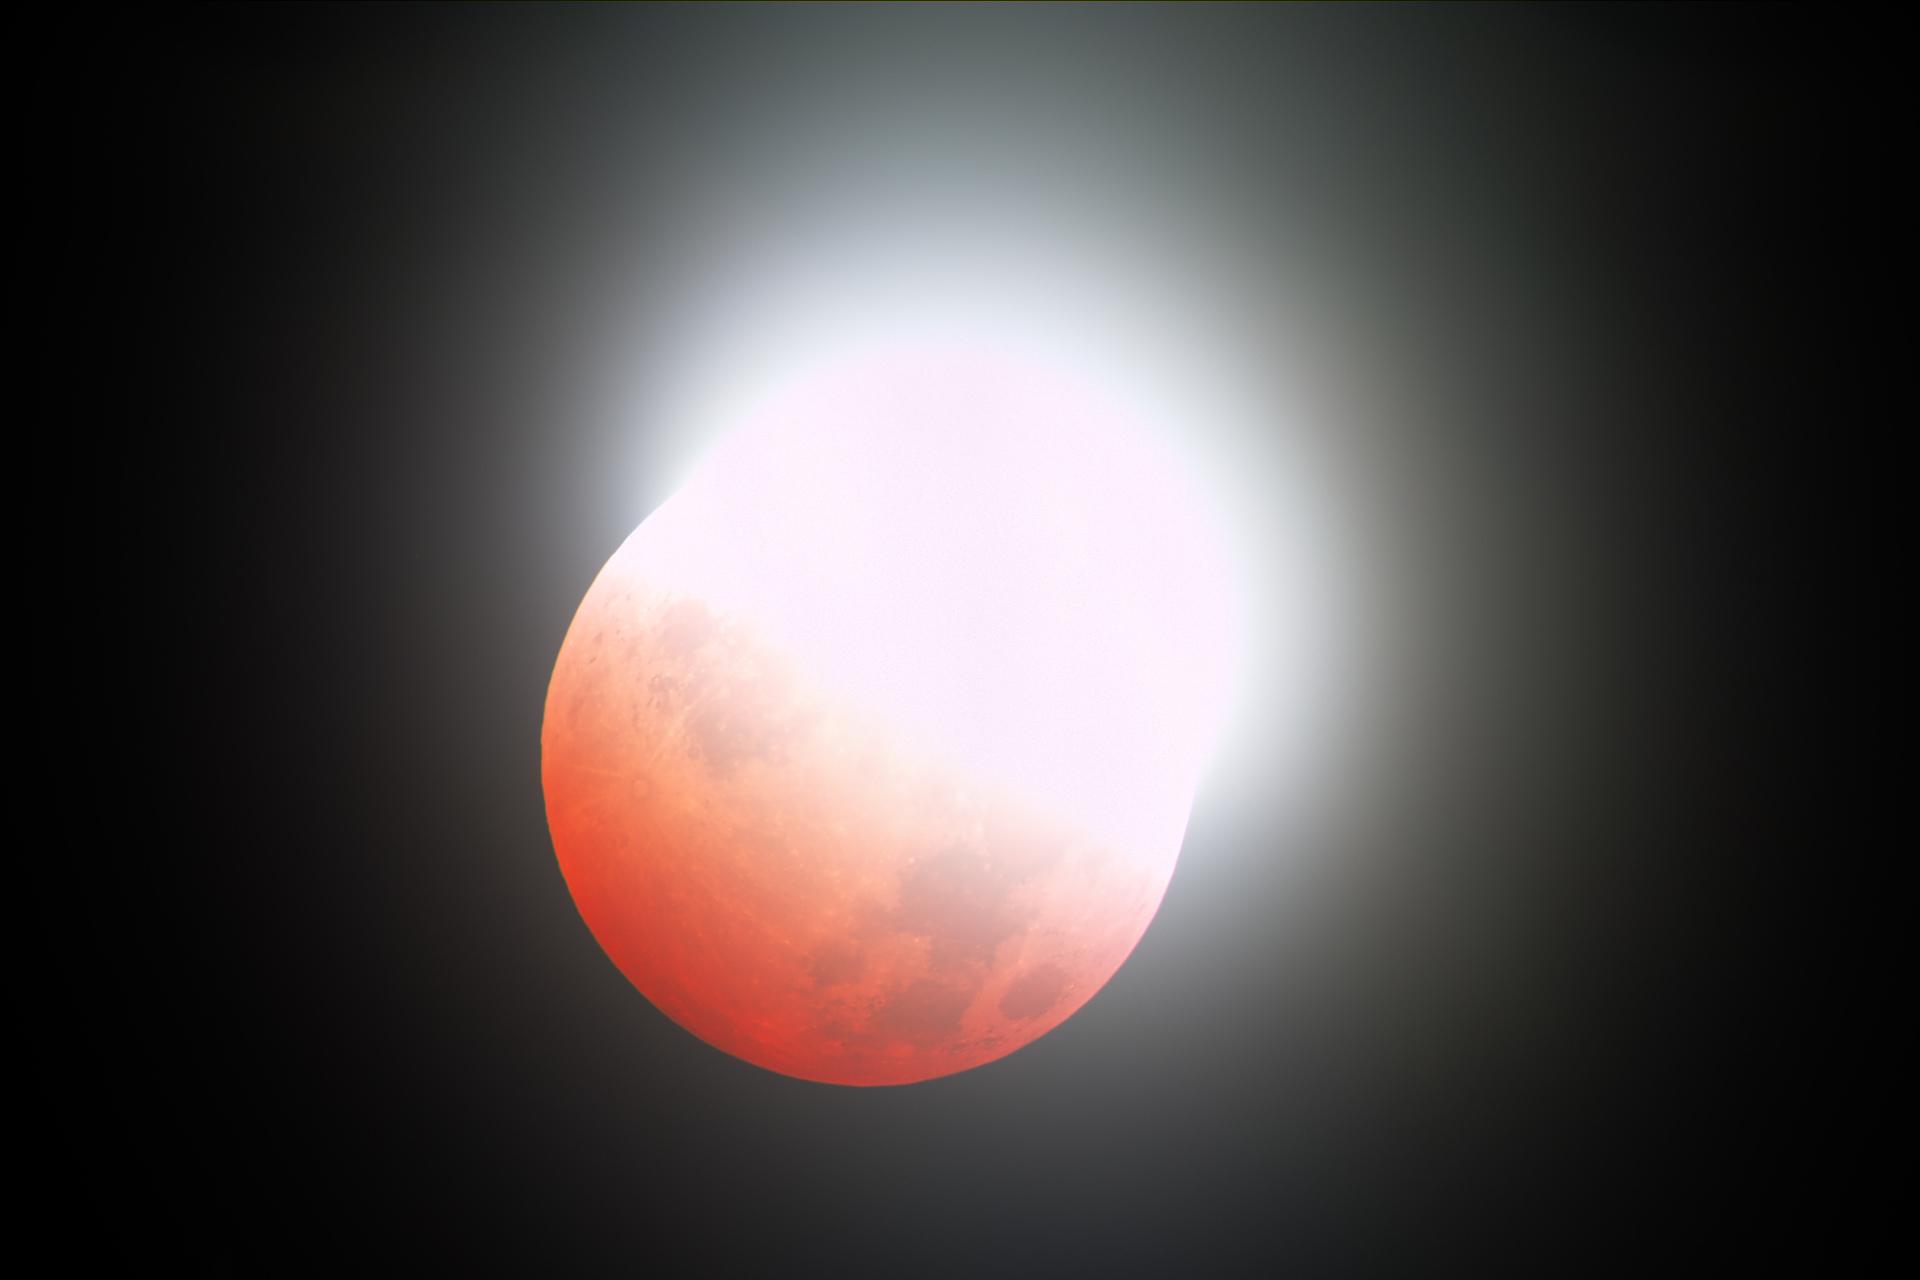 190121 - Eclipse de Lune - Partielle - Pollux - STL11K